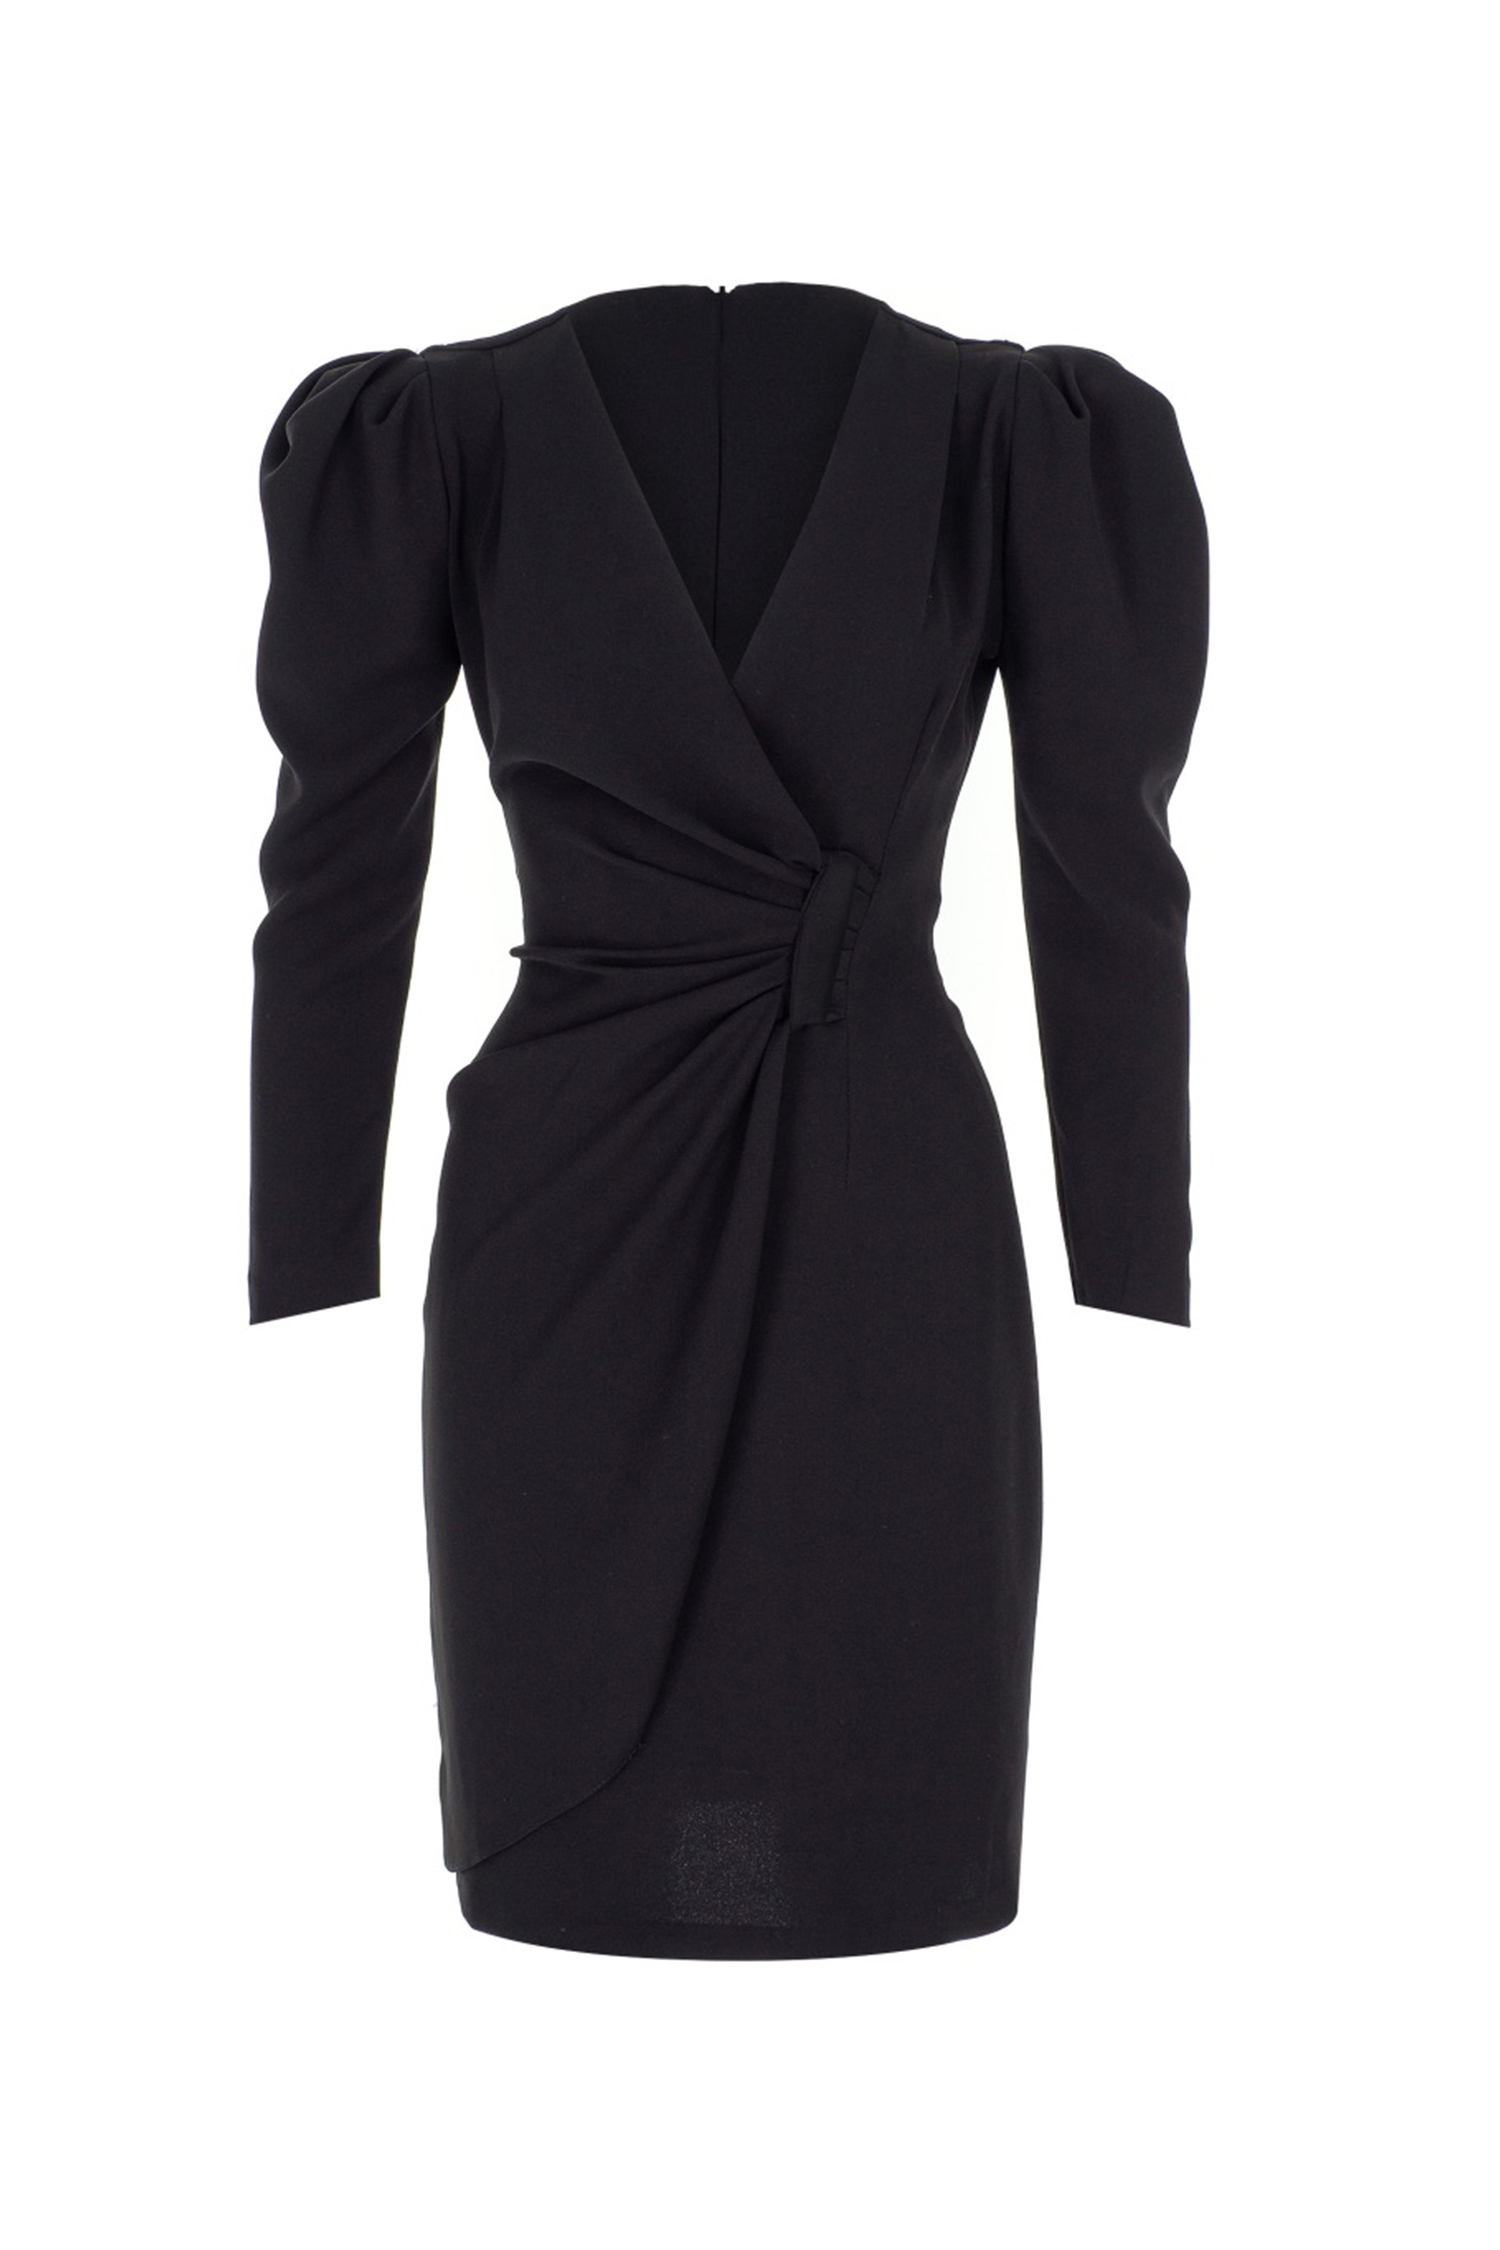 little black dress, blackdress, fw 21/22